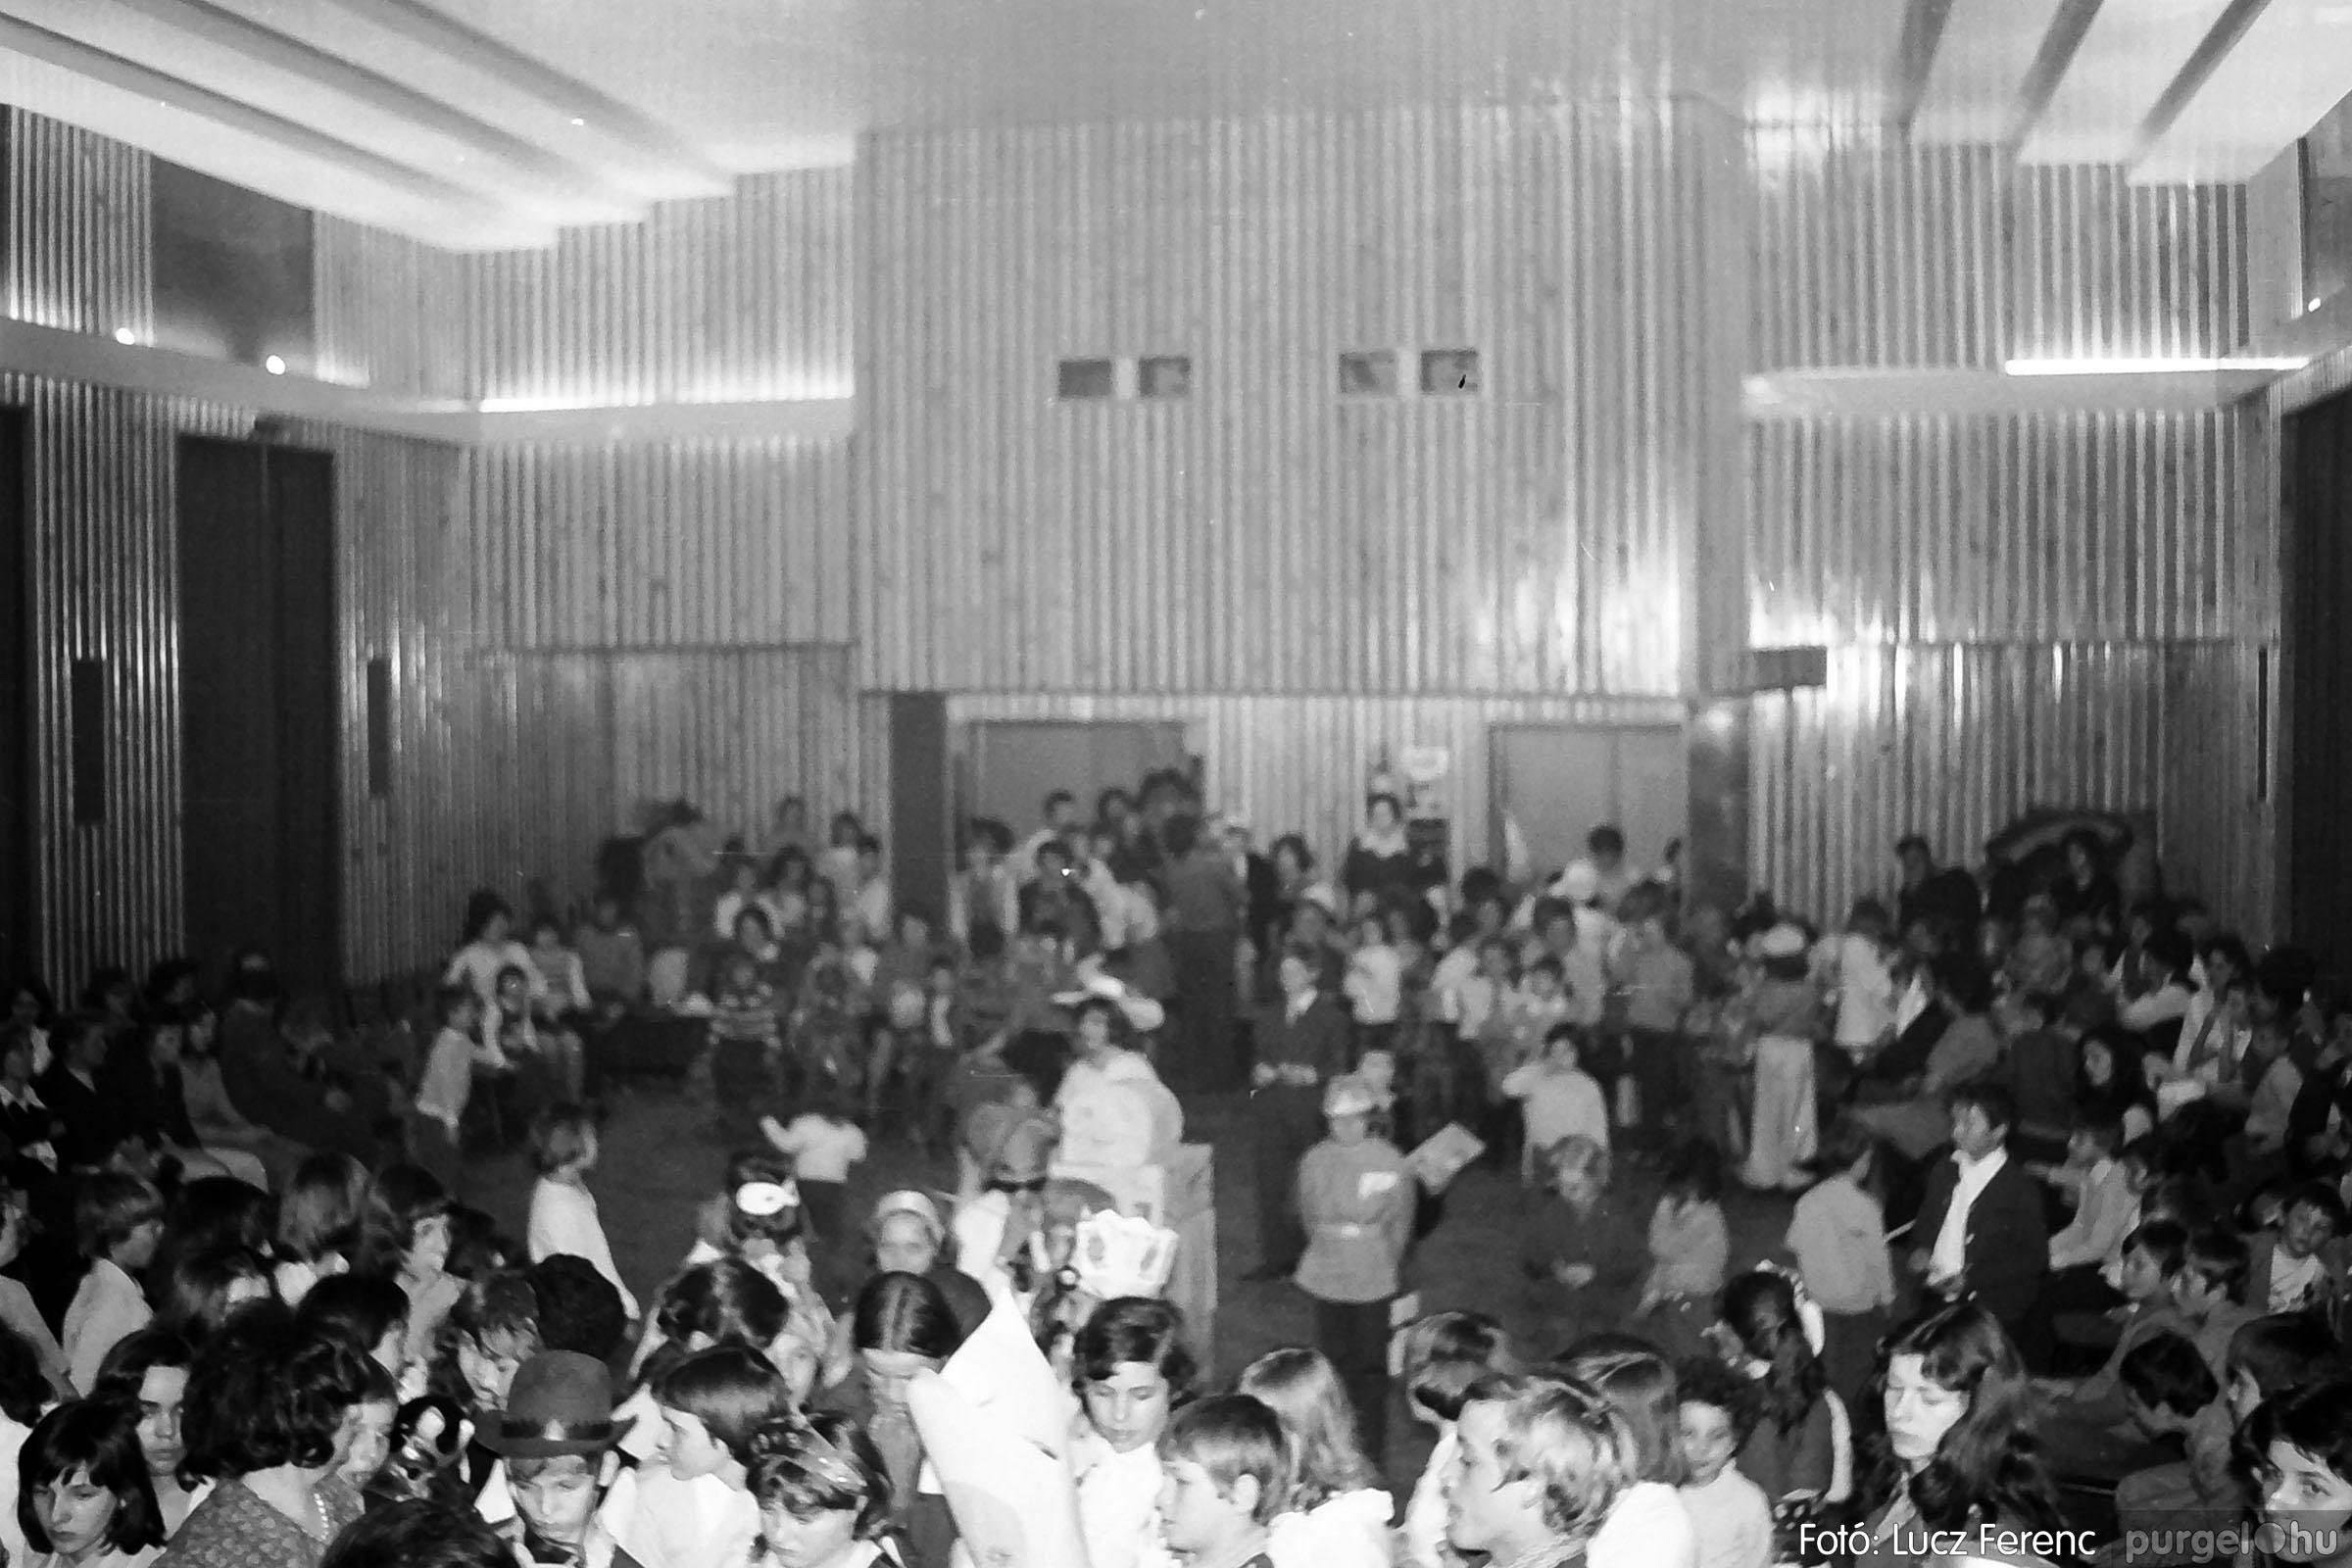 035. 1976. Iskolai farsang a kultúrházban 028 - Fotó: Lucz Ferenc.jpg